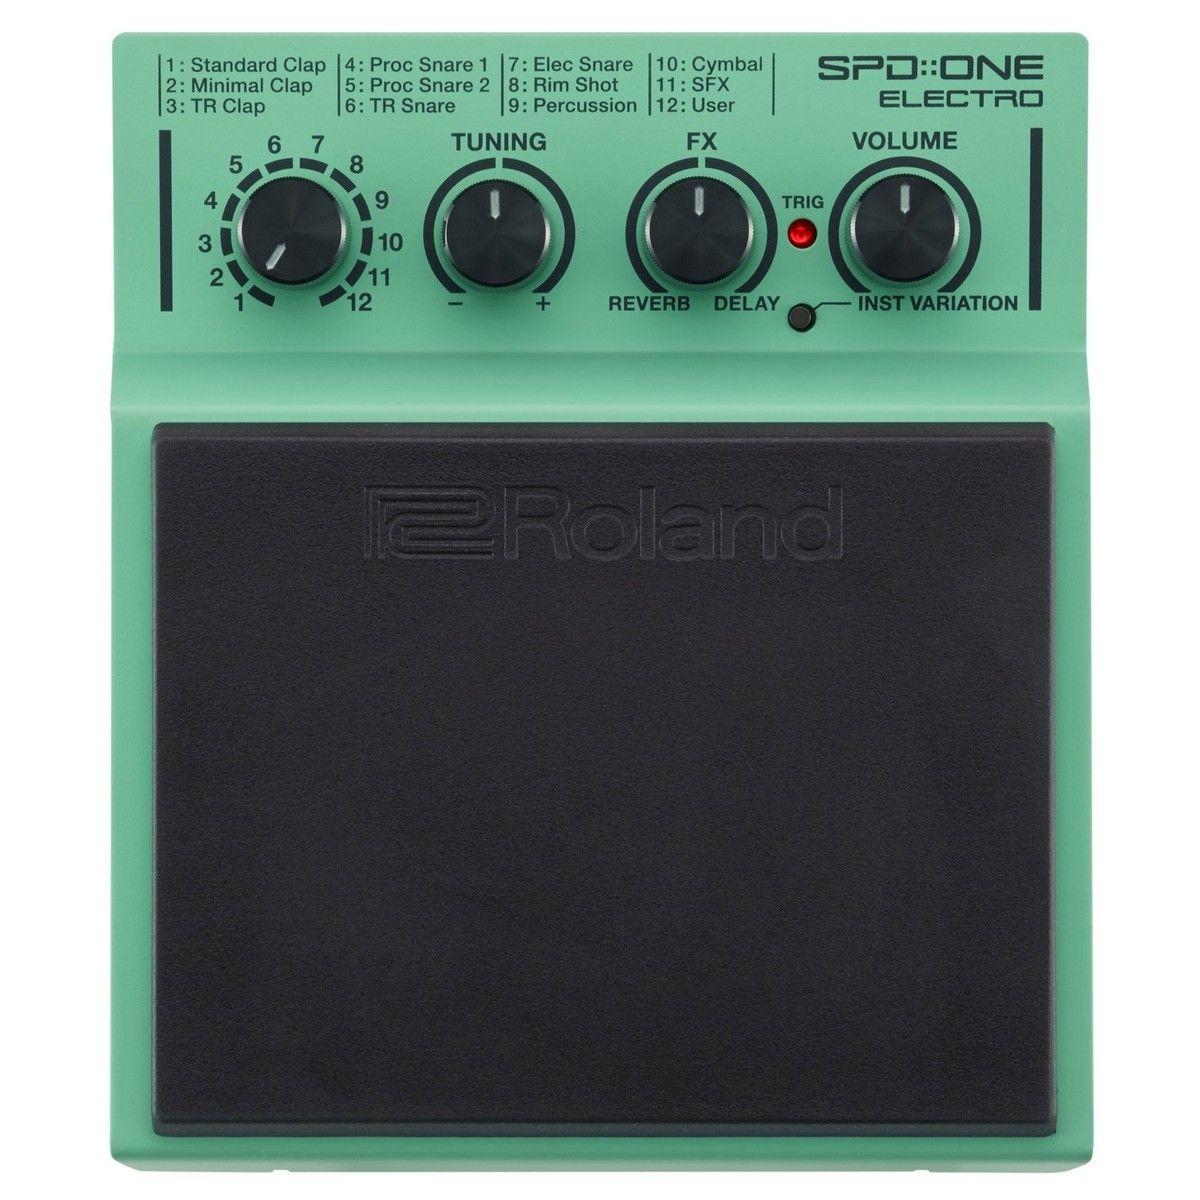 ROLAND SPD-1E SPD-ONE ELECTRO TRIGNGER PAD